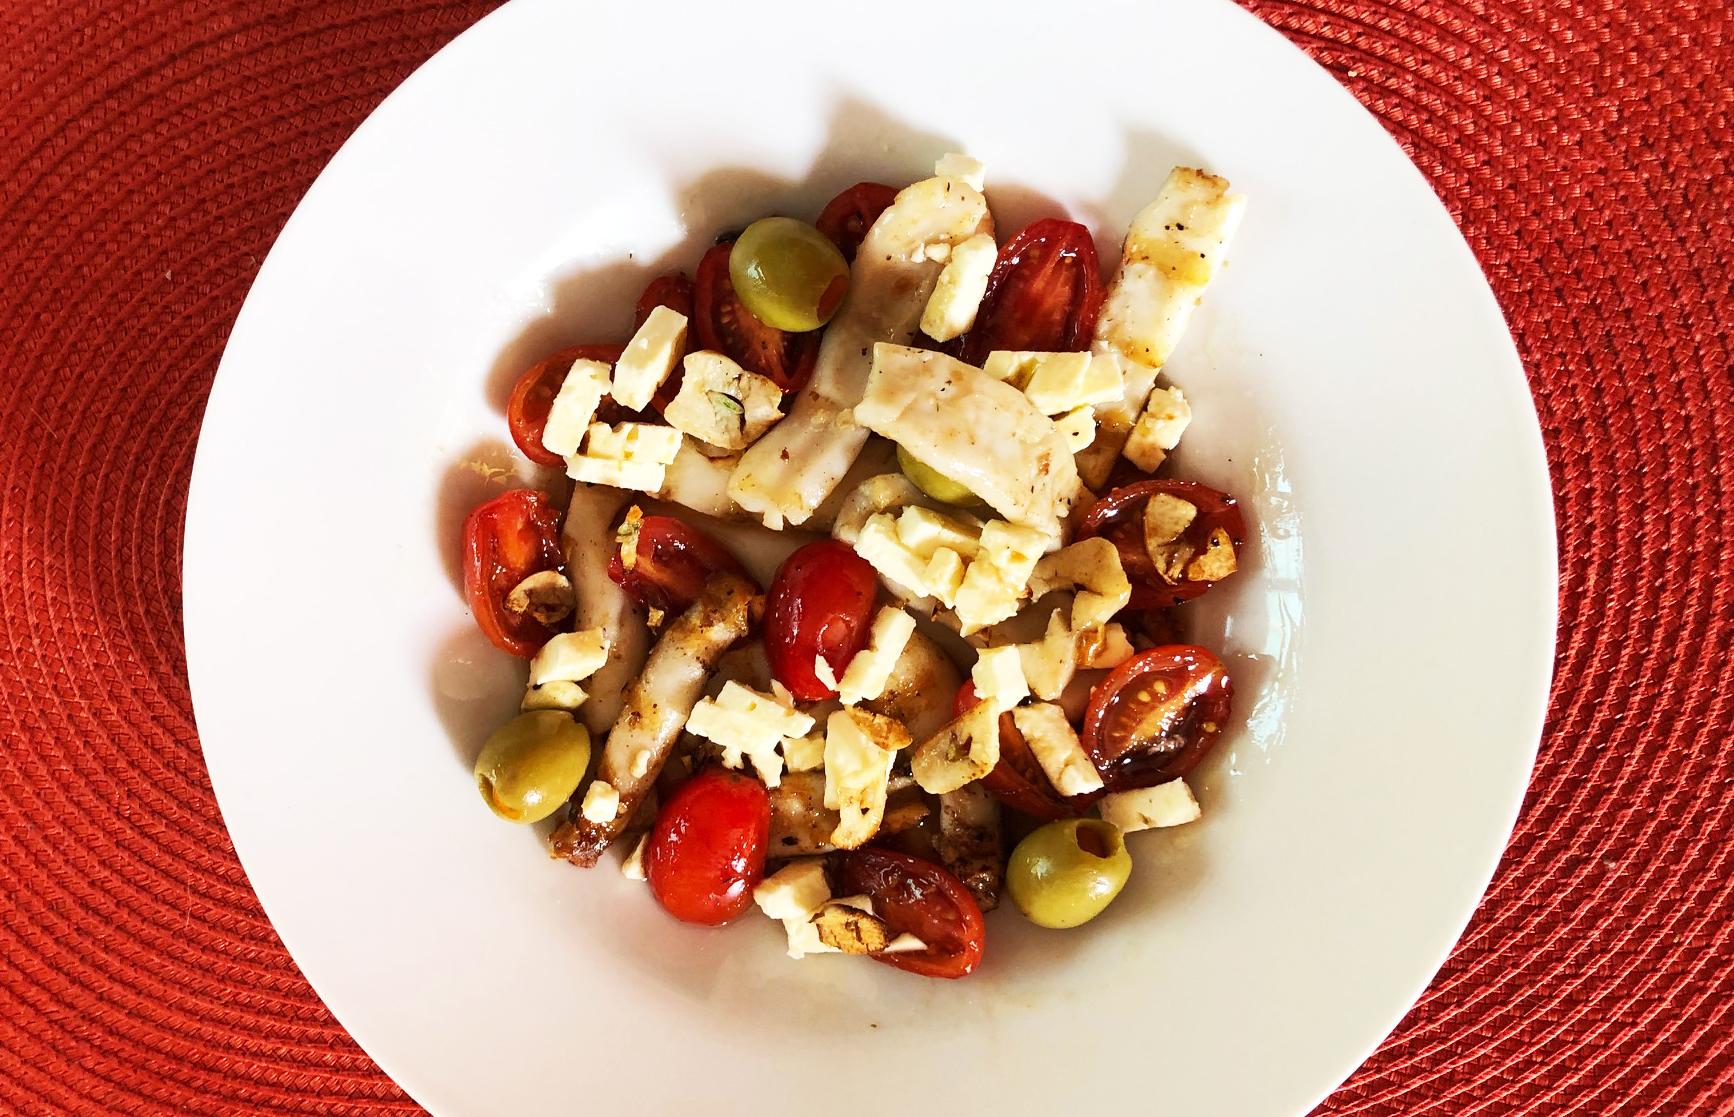 Warm Calamari Salad with Green Olives, Garlic and Feta